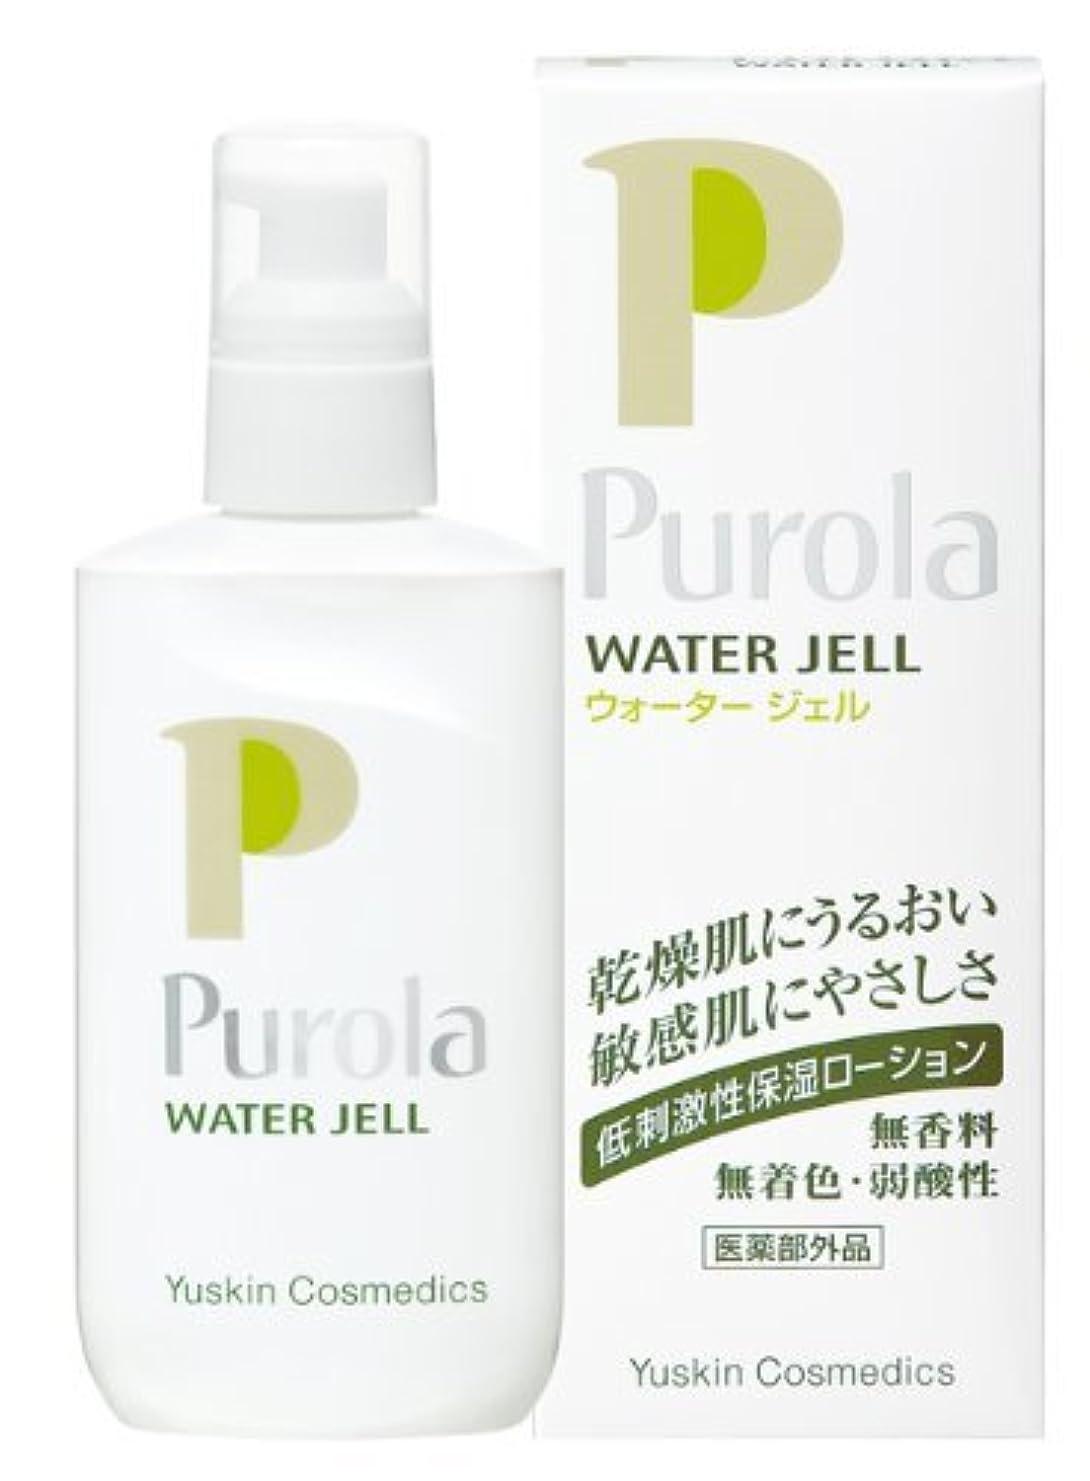 にはまって熟達オークションプローラ 薬用ウォータージェル 150ml (敏感肌用 化粧水) 【医薬部外品】